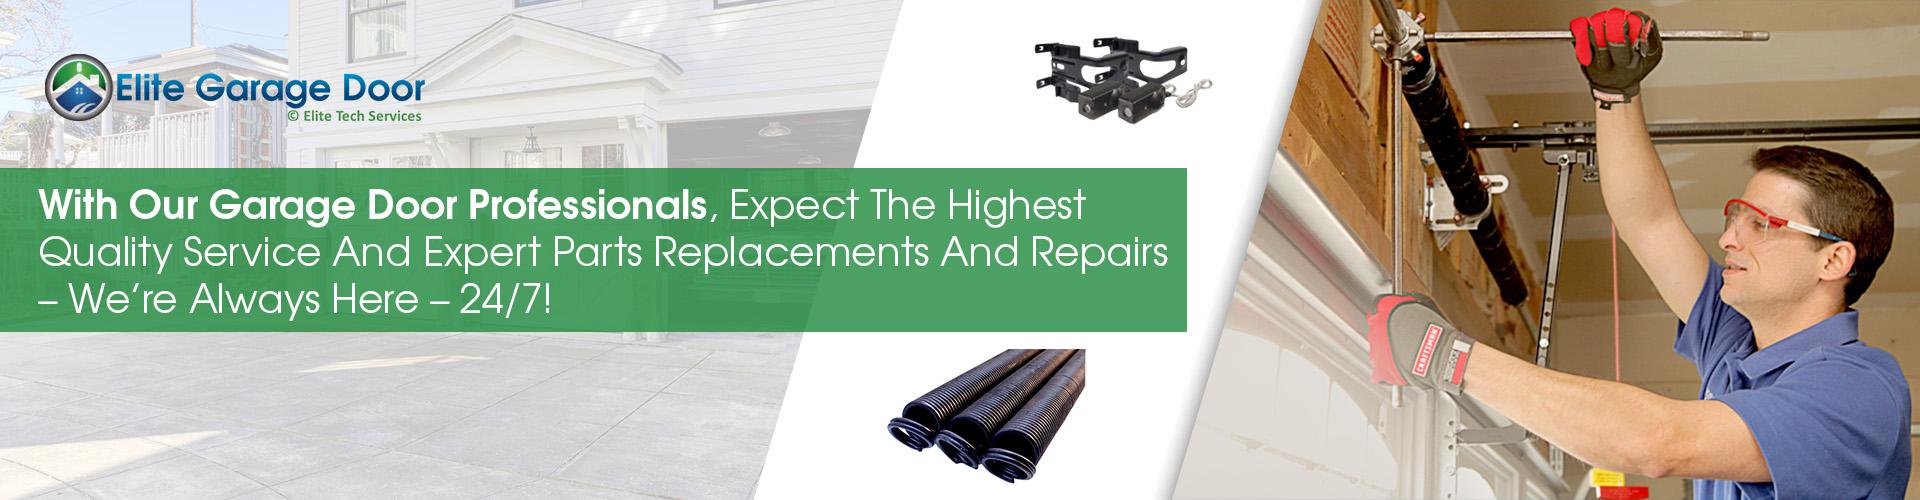 Garage Door Repair Bellevue WA - Elite Tech Garage Door Services